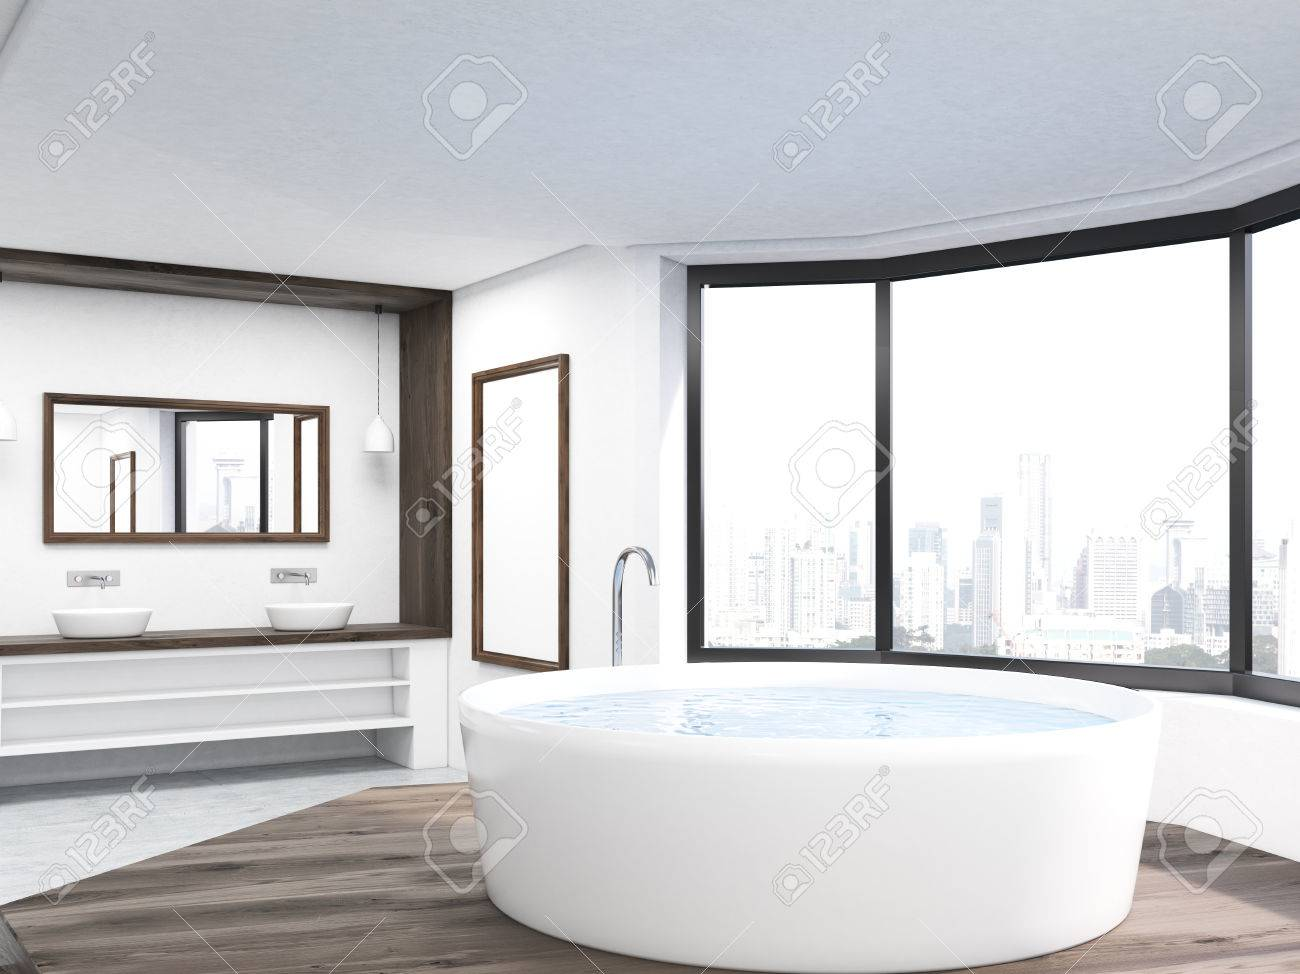 Salle De Bain Avec Baignoire intérieur salle de bains avec baignoire ronde, deux lavabos et new york vue  sur la ville à travers la fenêtre panoramique. concept de soins